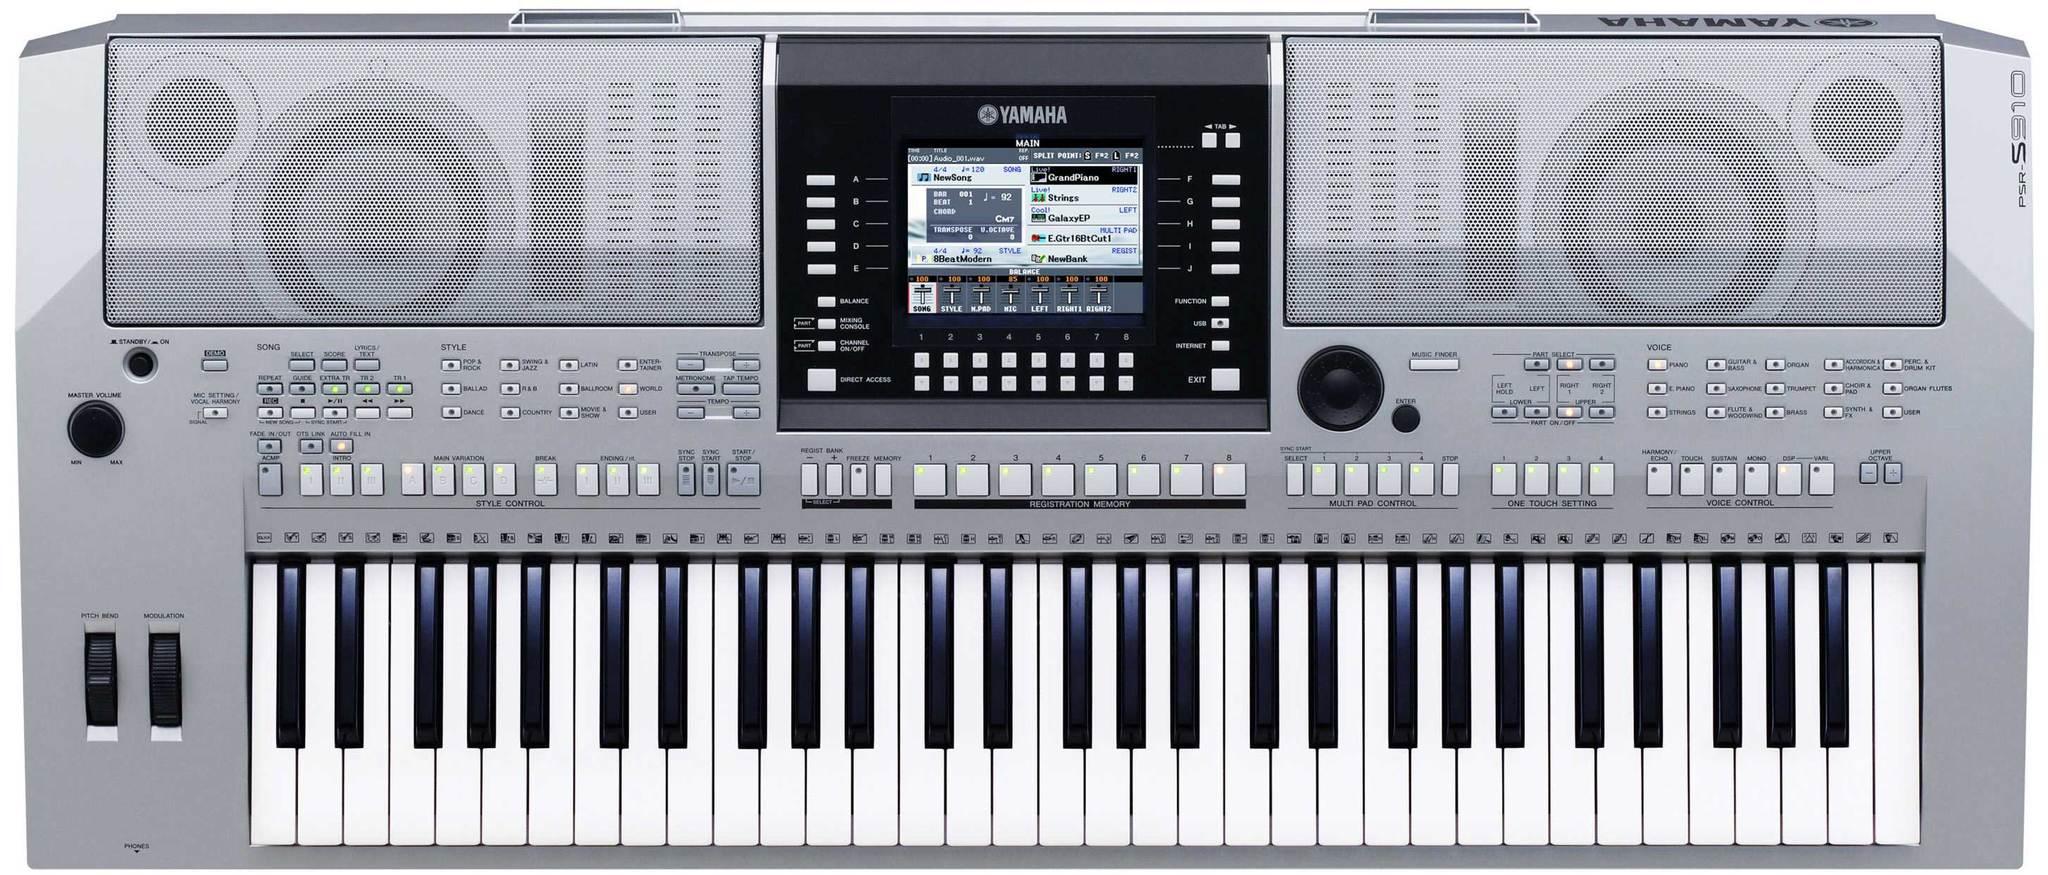 Yamaha PSR S910 Second